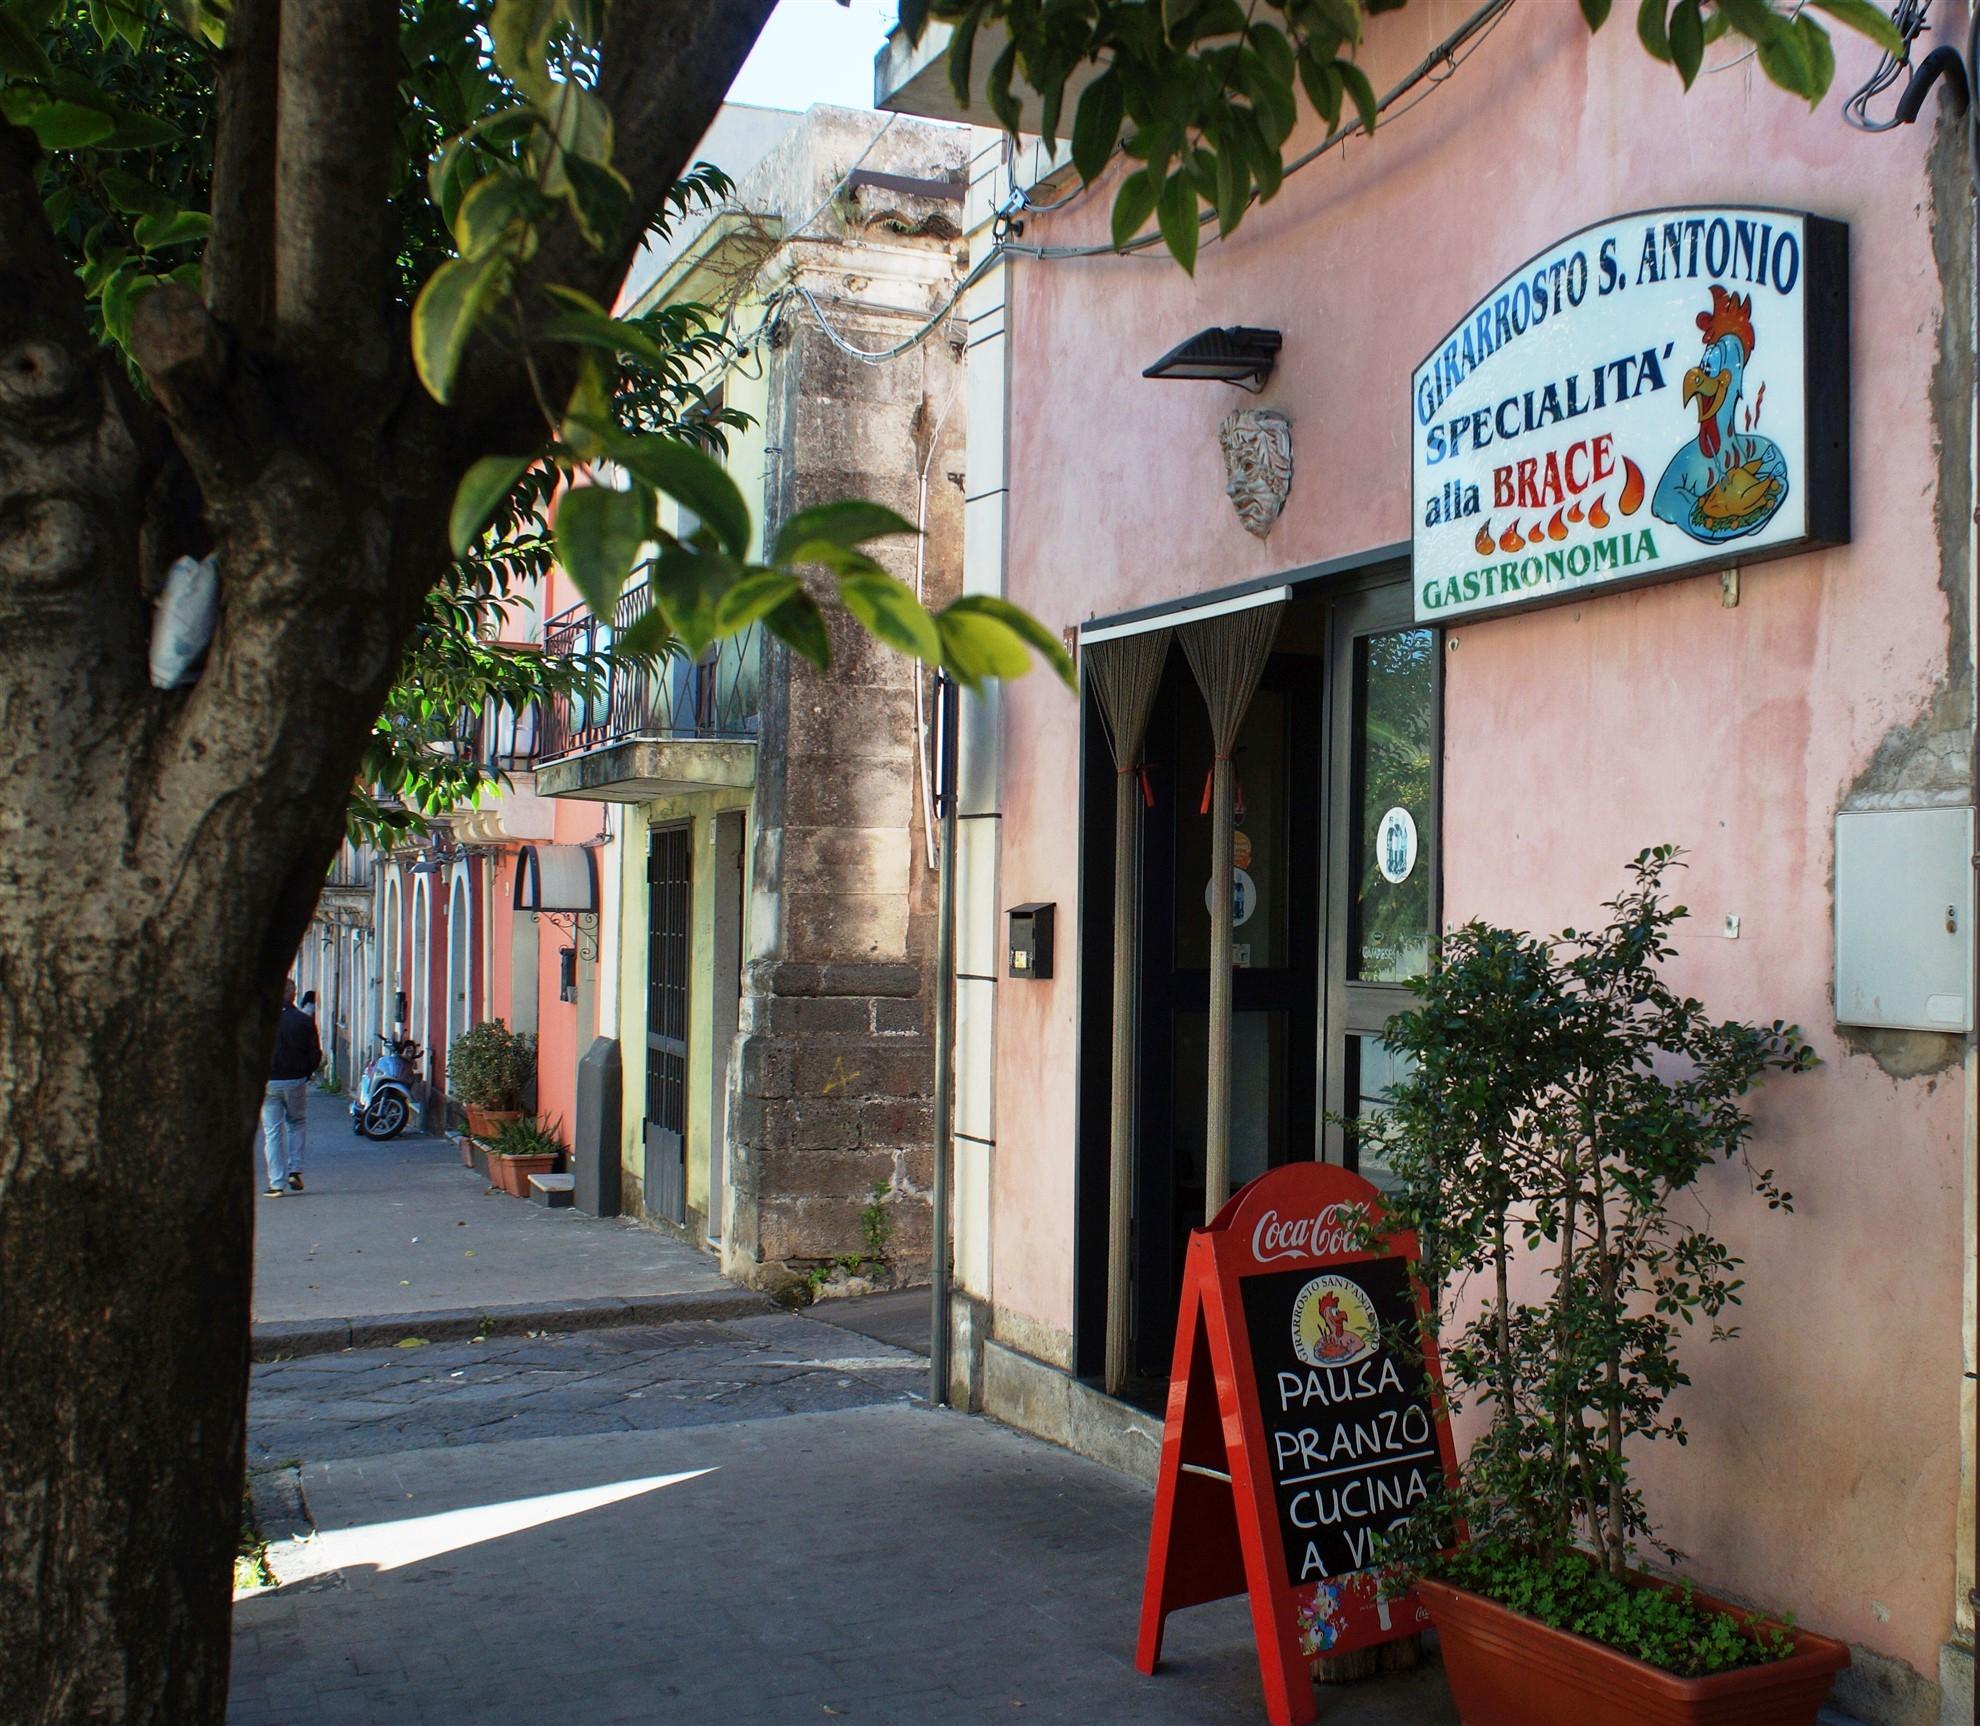 Girarrosto Gastronomia S. Antonio - , Aci Sant'Antonio